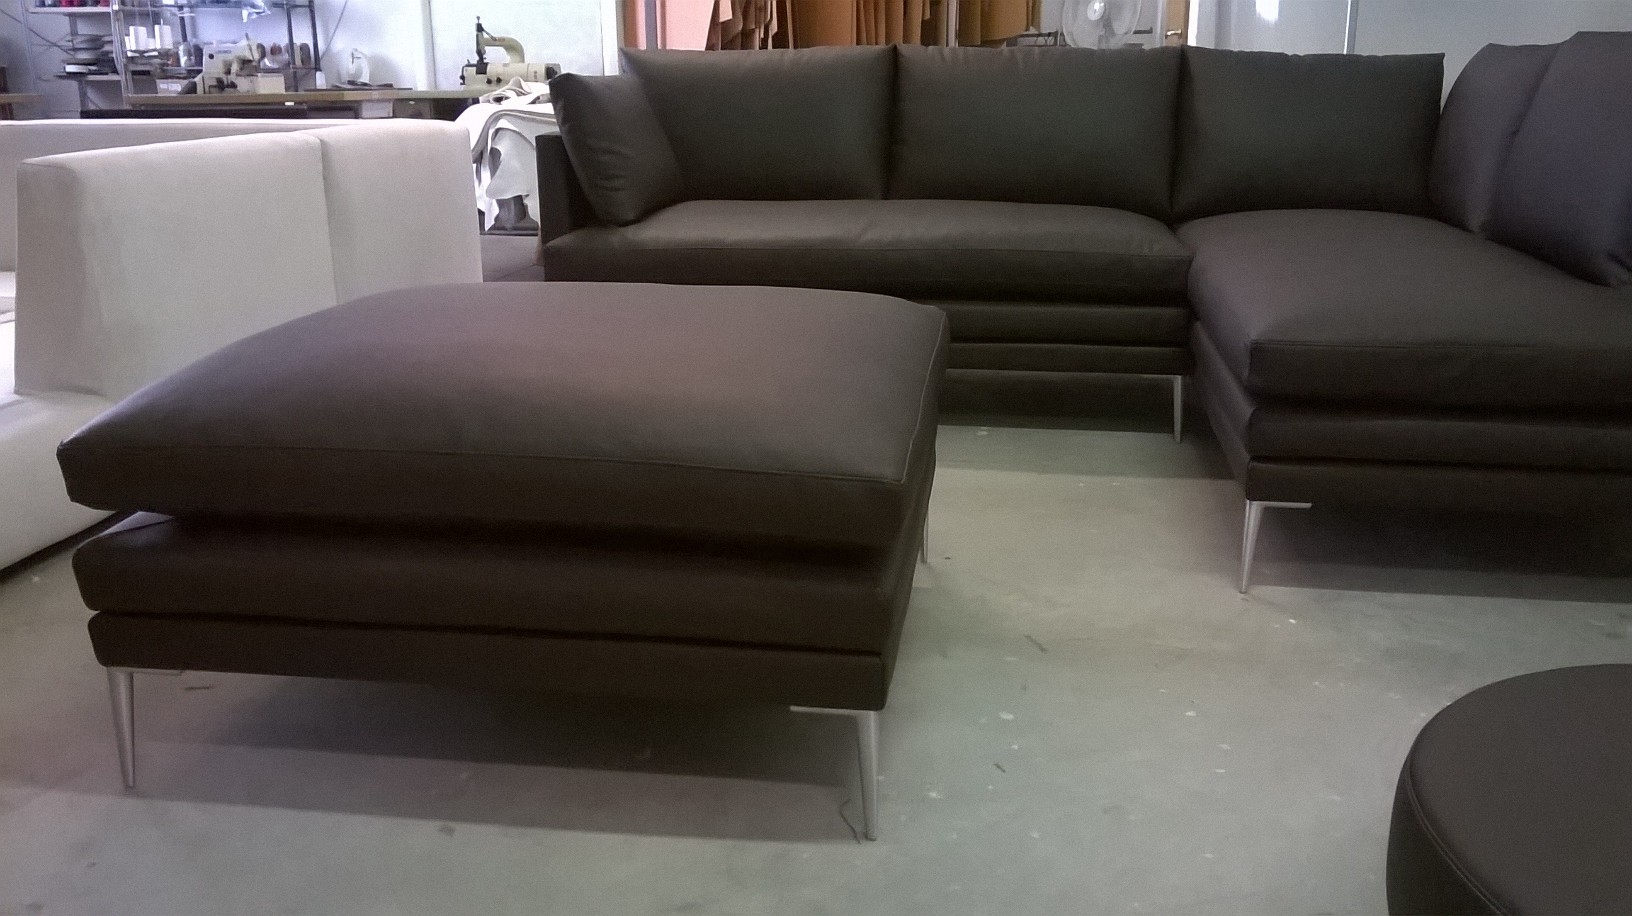 Divani Scontati Ikea : Divano angolare mod williams divani a prezzi scontati